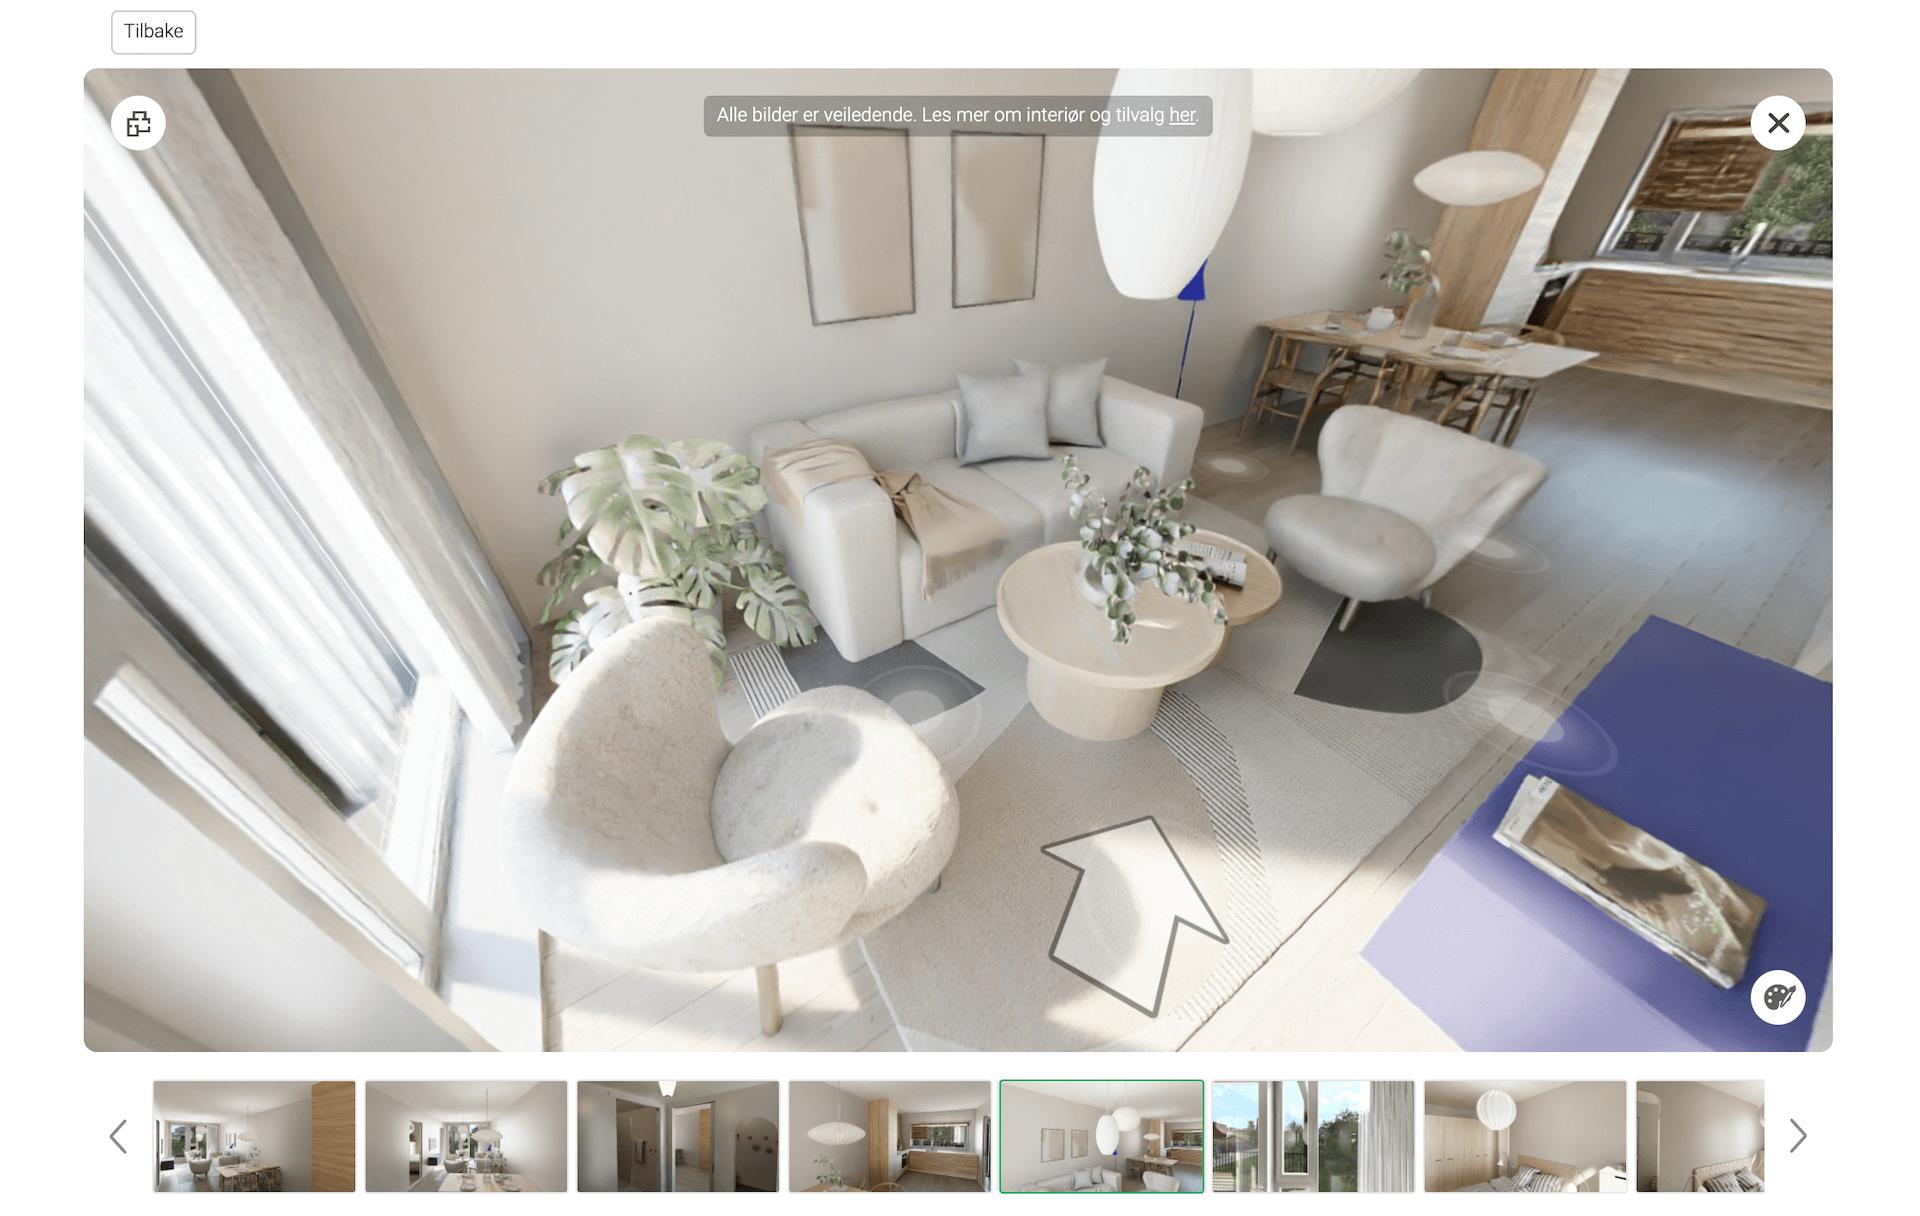 3D Virtual Tour of an Apartment